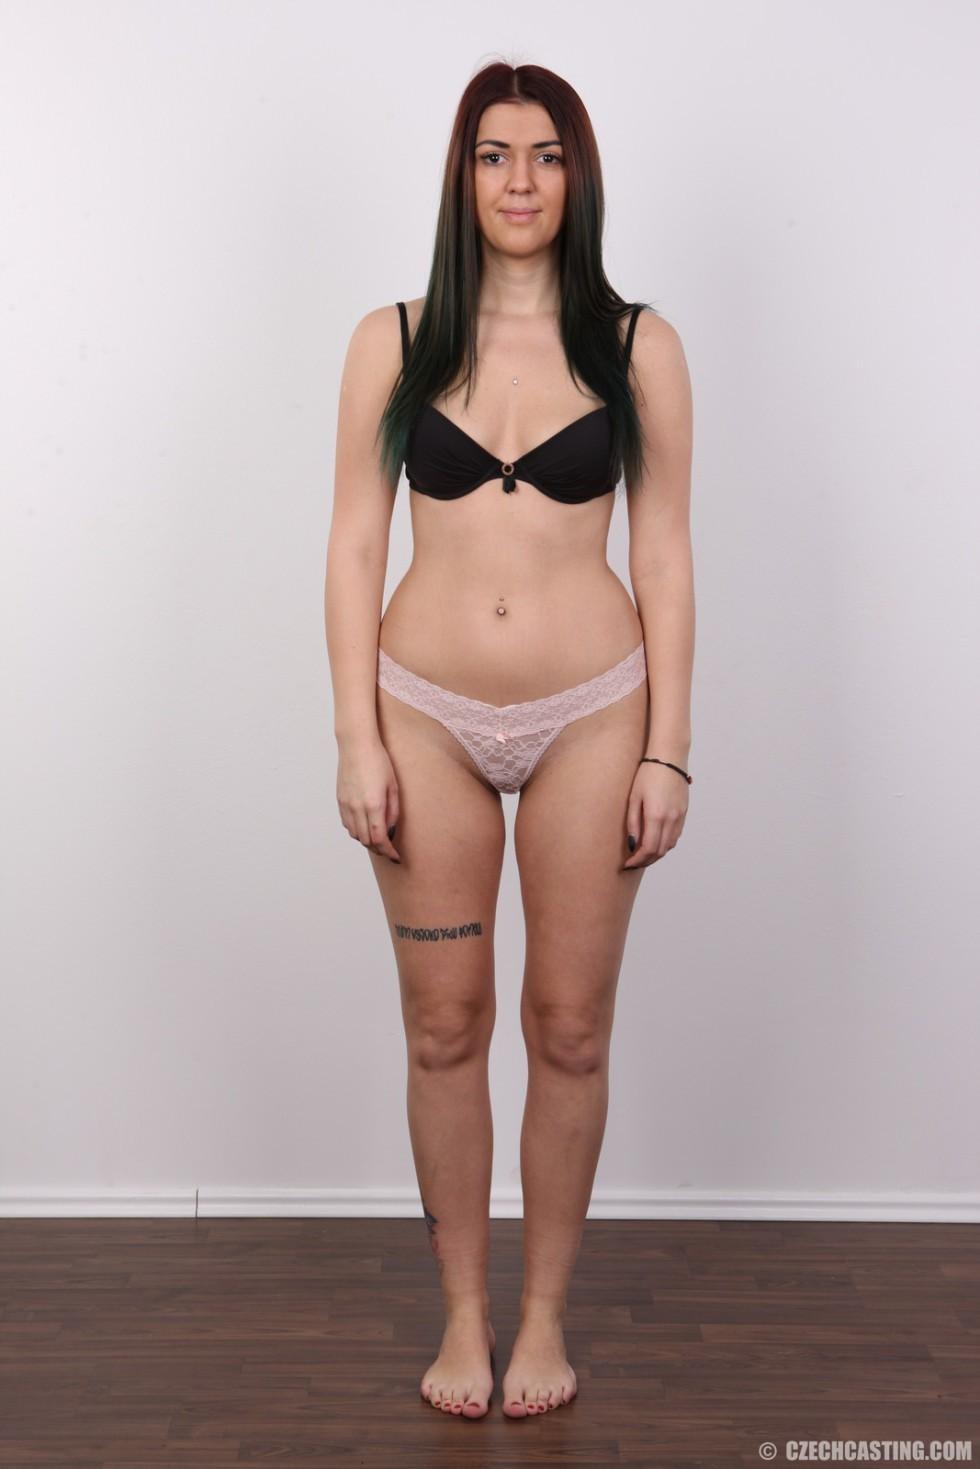 Очень красивая молодая девушка оголяет свое красивое тело перед камерой